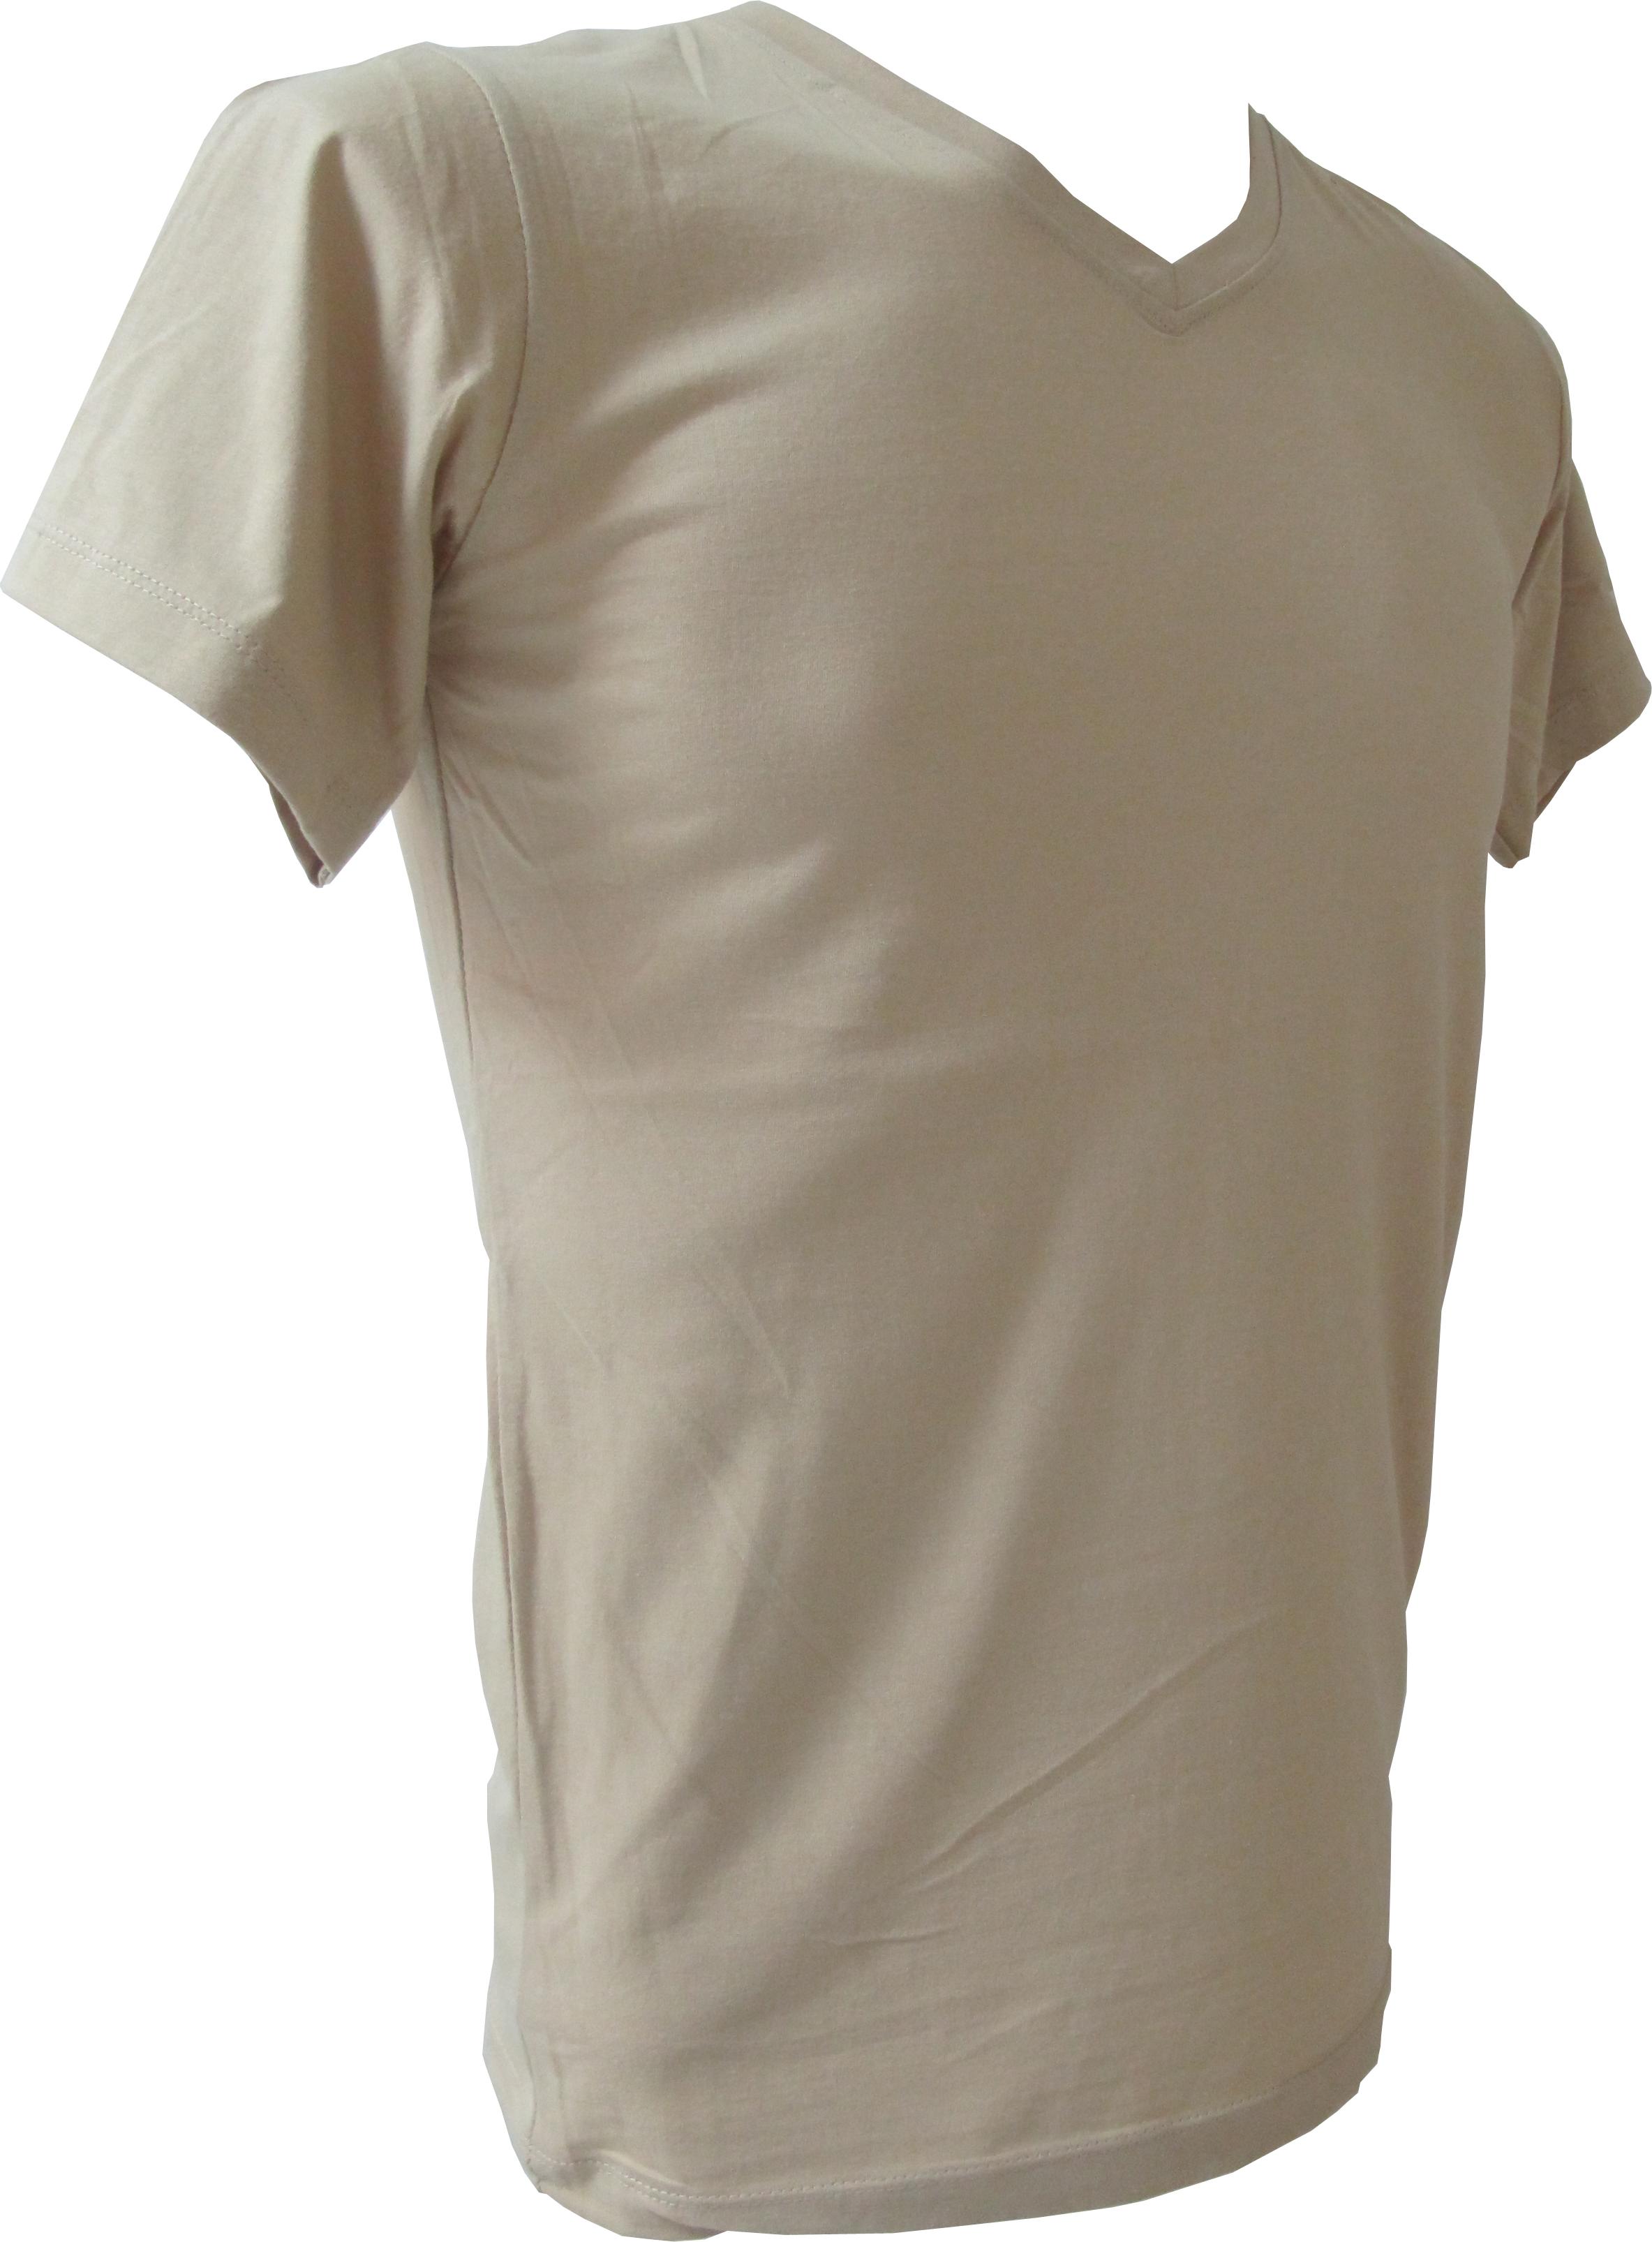 COTTON100% เบอร์32 เสื้อยืดแขนสั้น คอวี สีกากี